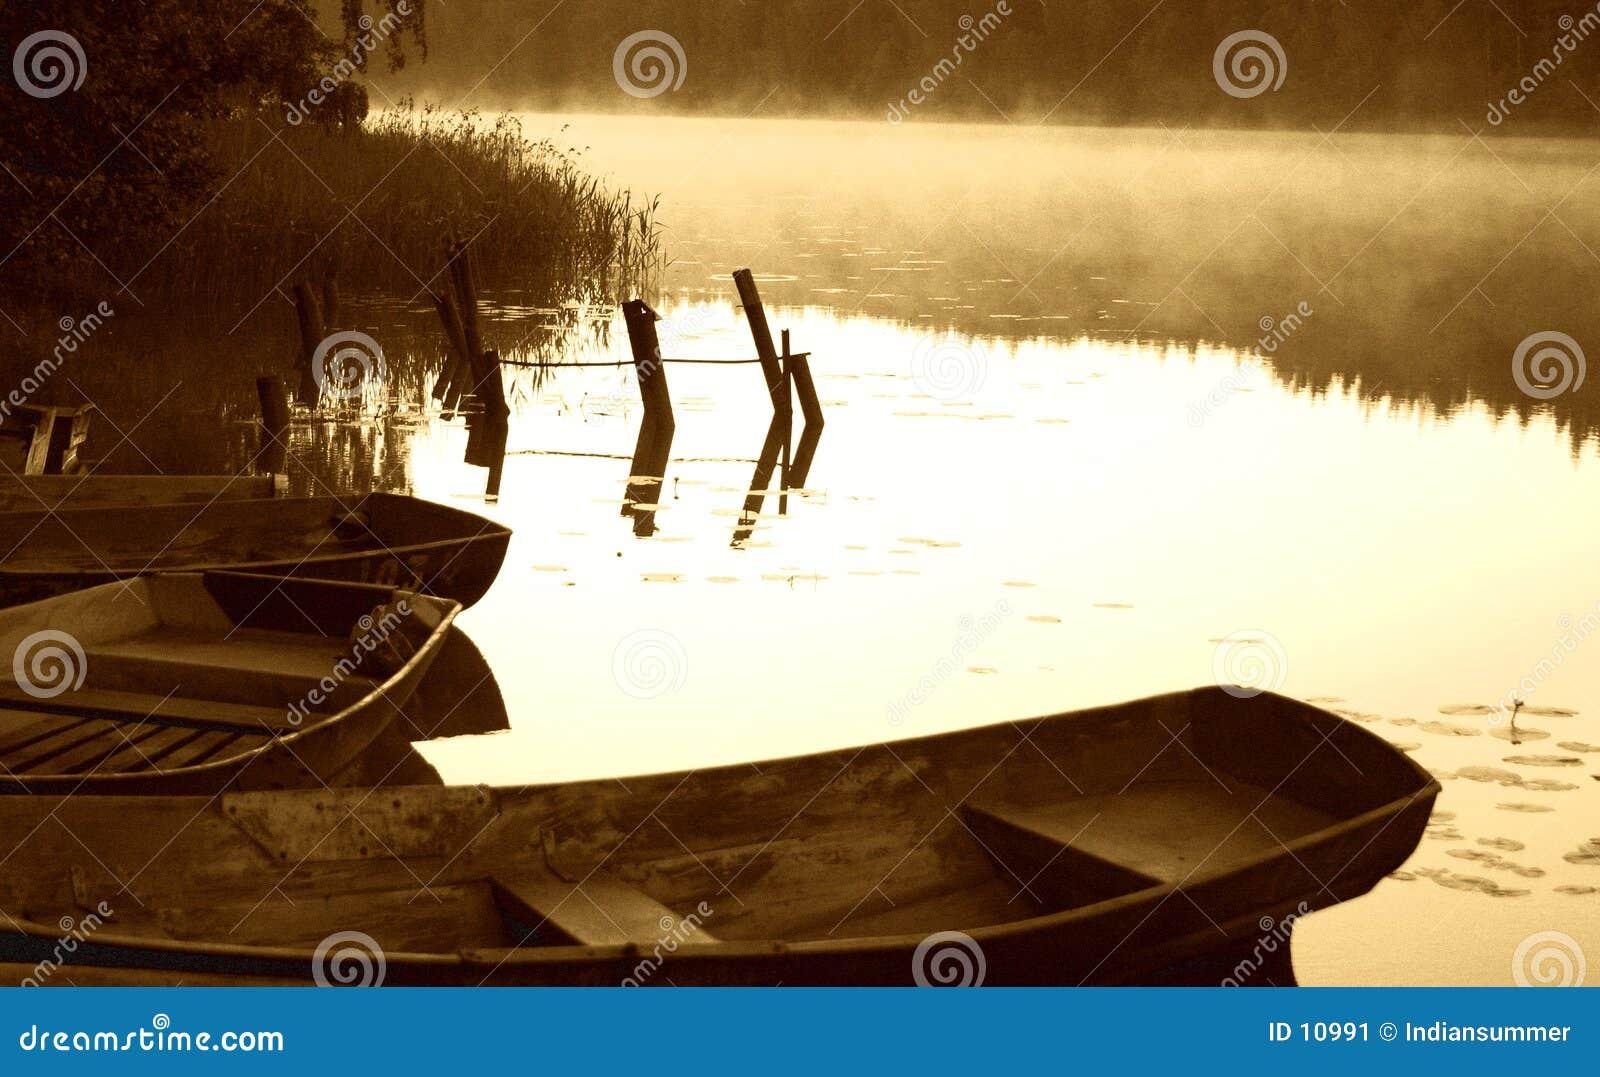 Wcześnie rano łódź jezioro szkic mgła